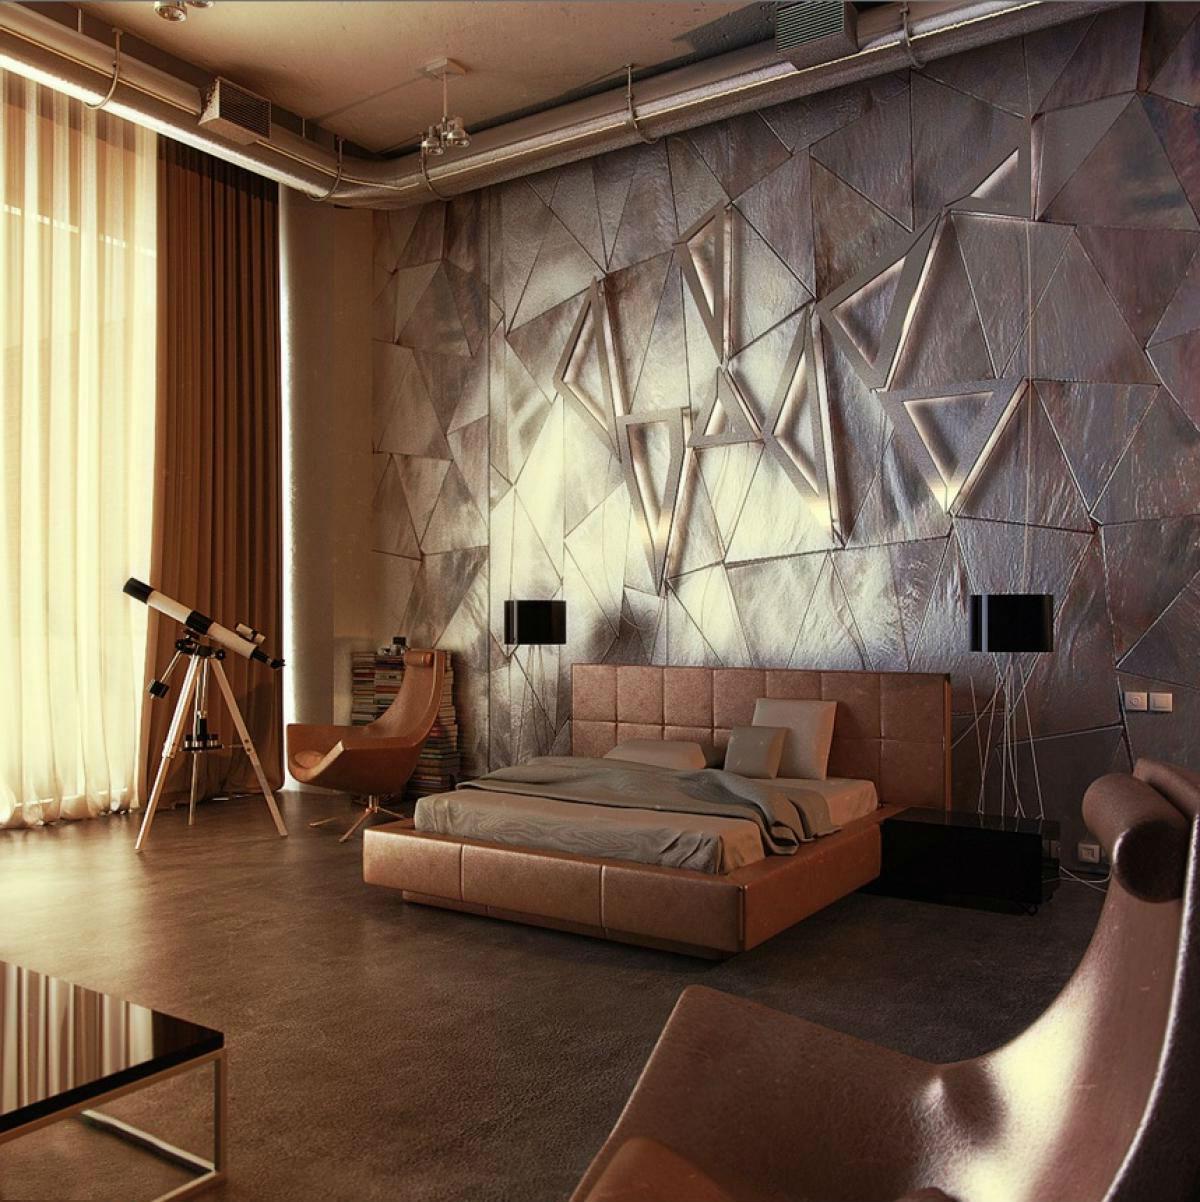 Diese Deko Wand passt perfekt zu Ihrem Schlafzimmer!